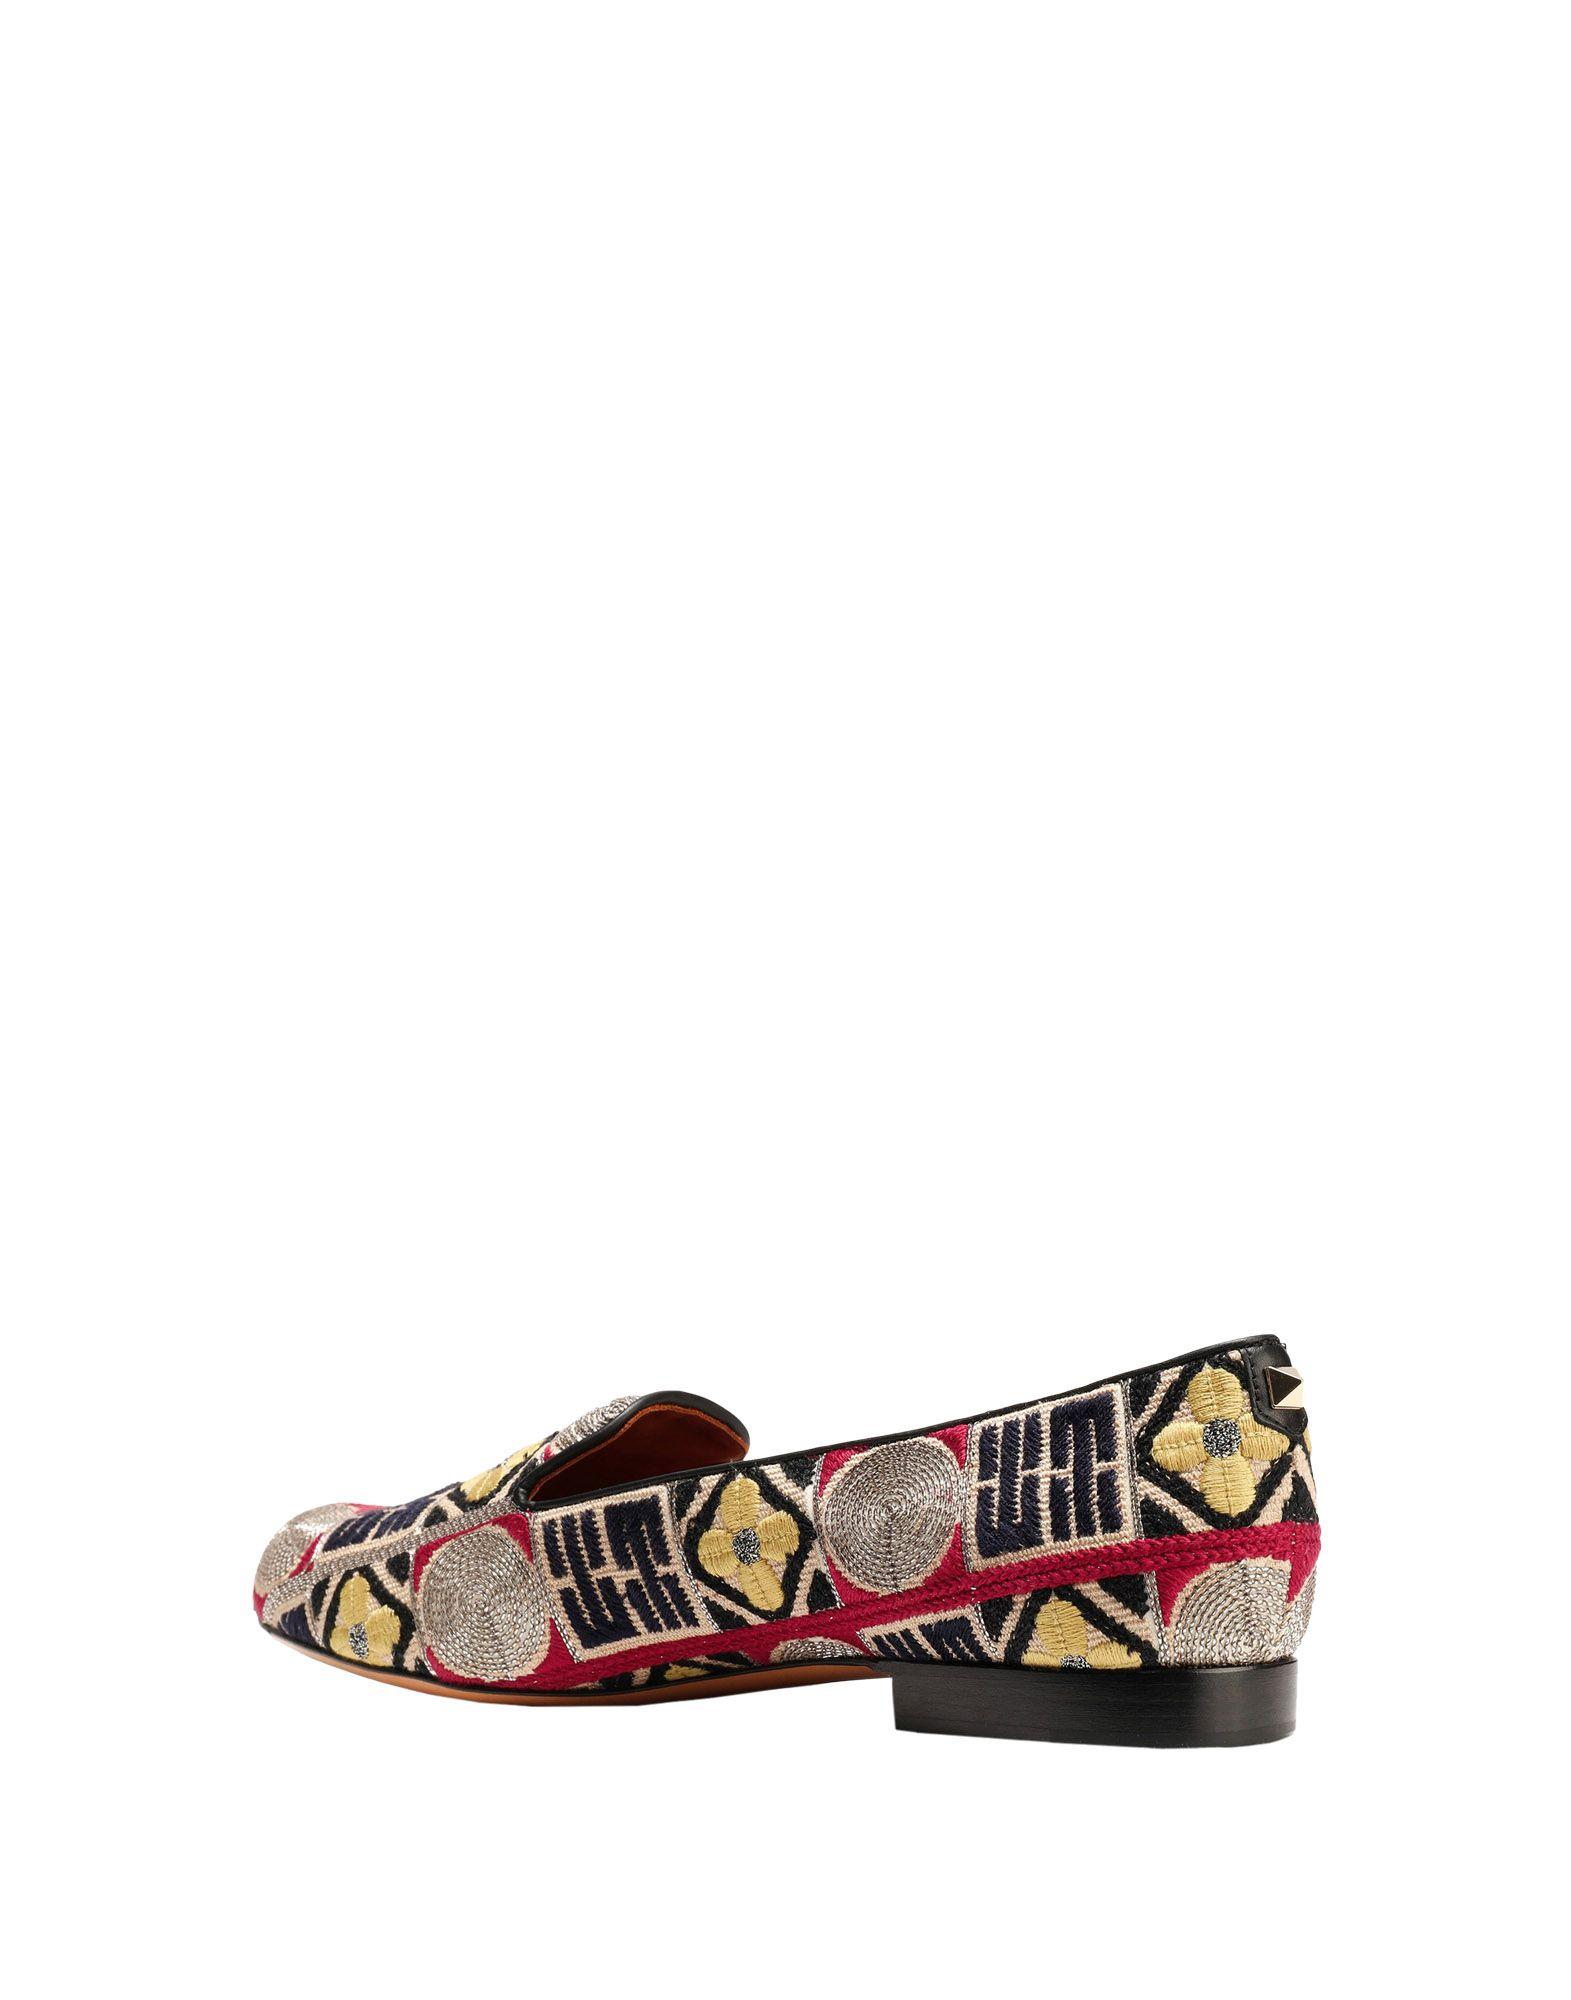 Valentino Garavani Mokassins Damen aussehende  11524218ADGünstige gut aussehende Damen Schuhe a244ab